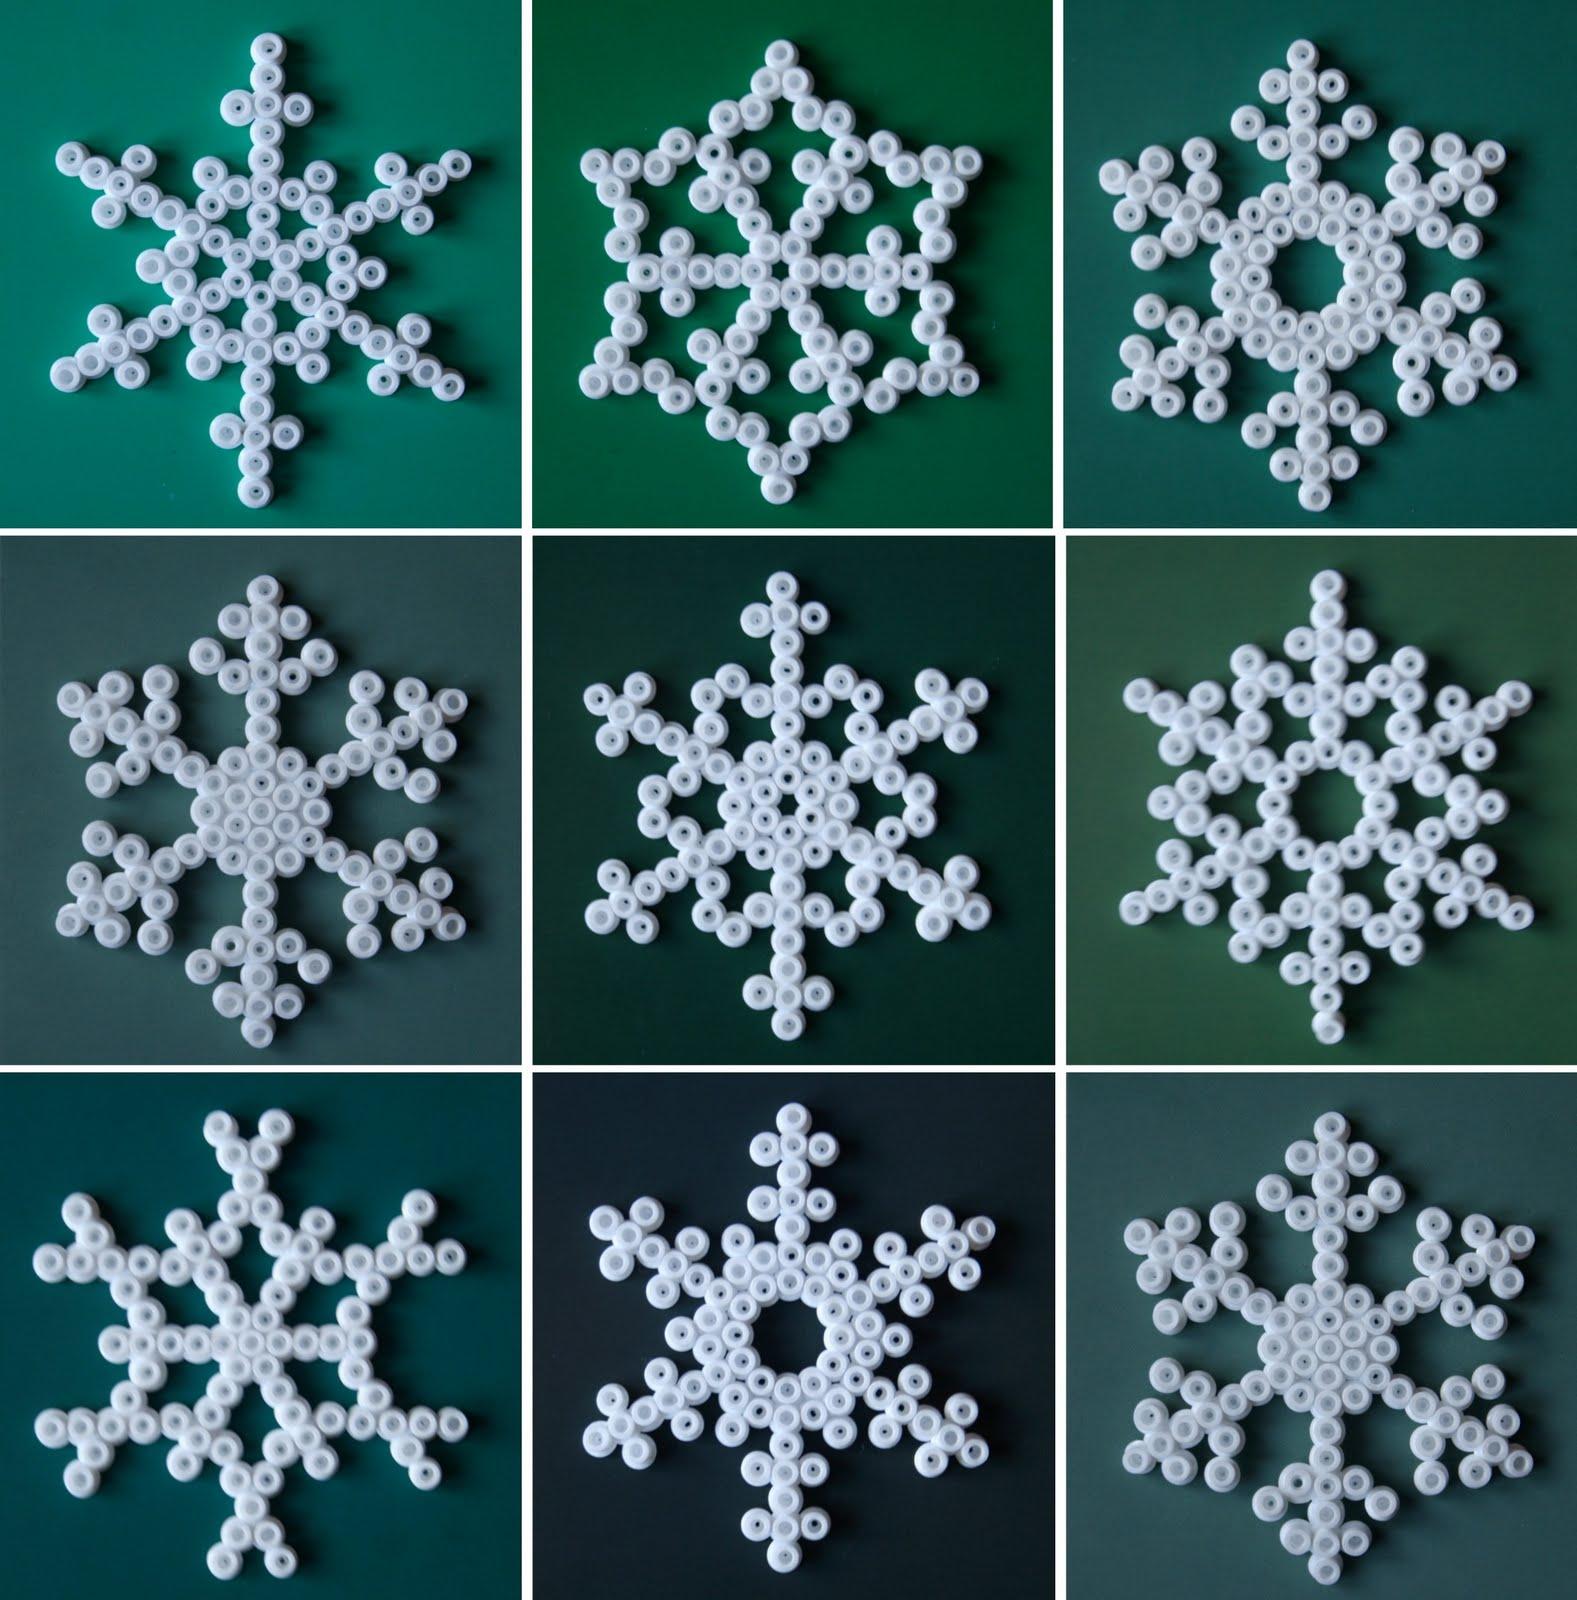 Heodeza: Homemade Snowflakes